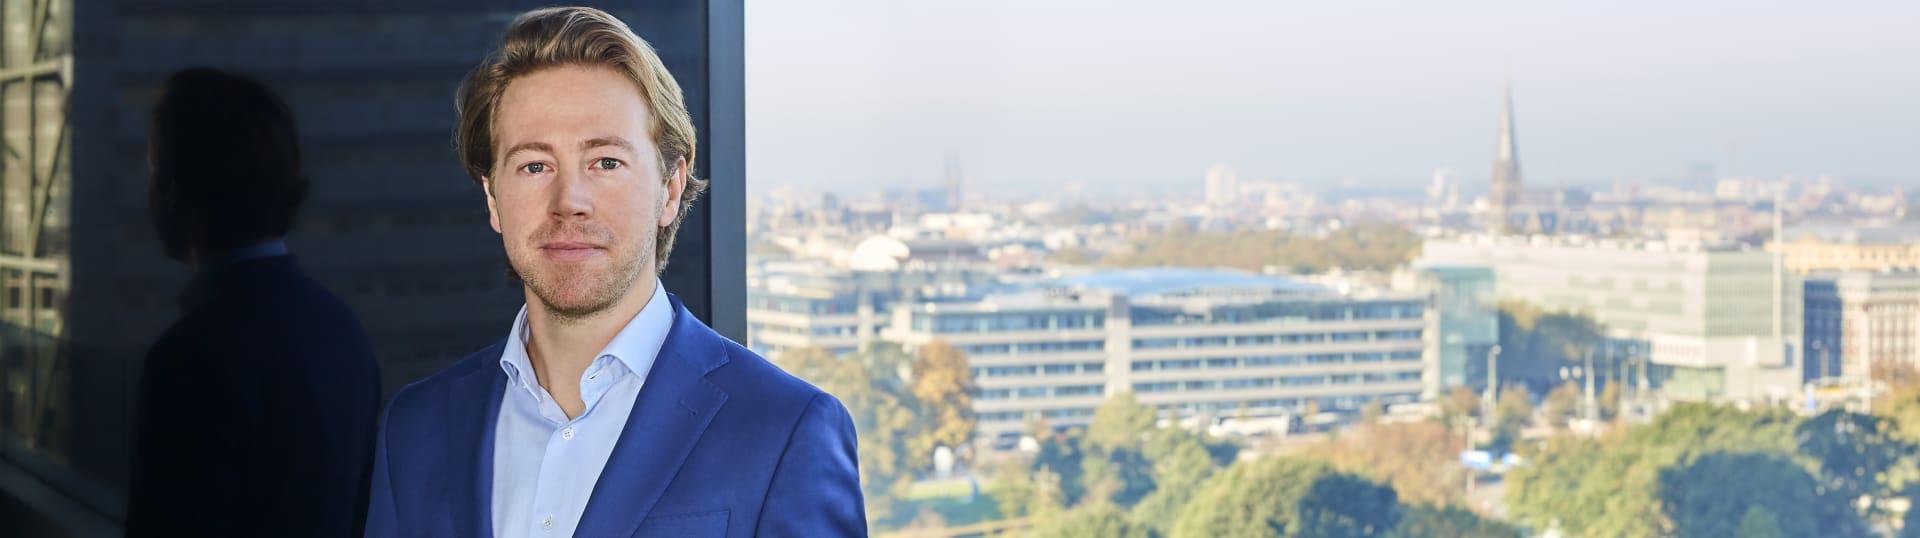 Pim Reemst, advocaat Pels Rijcken